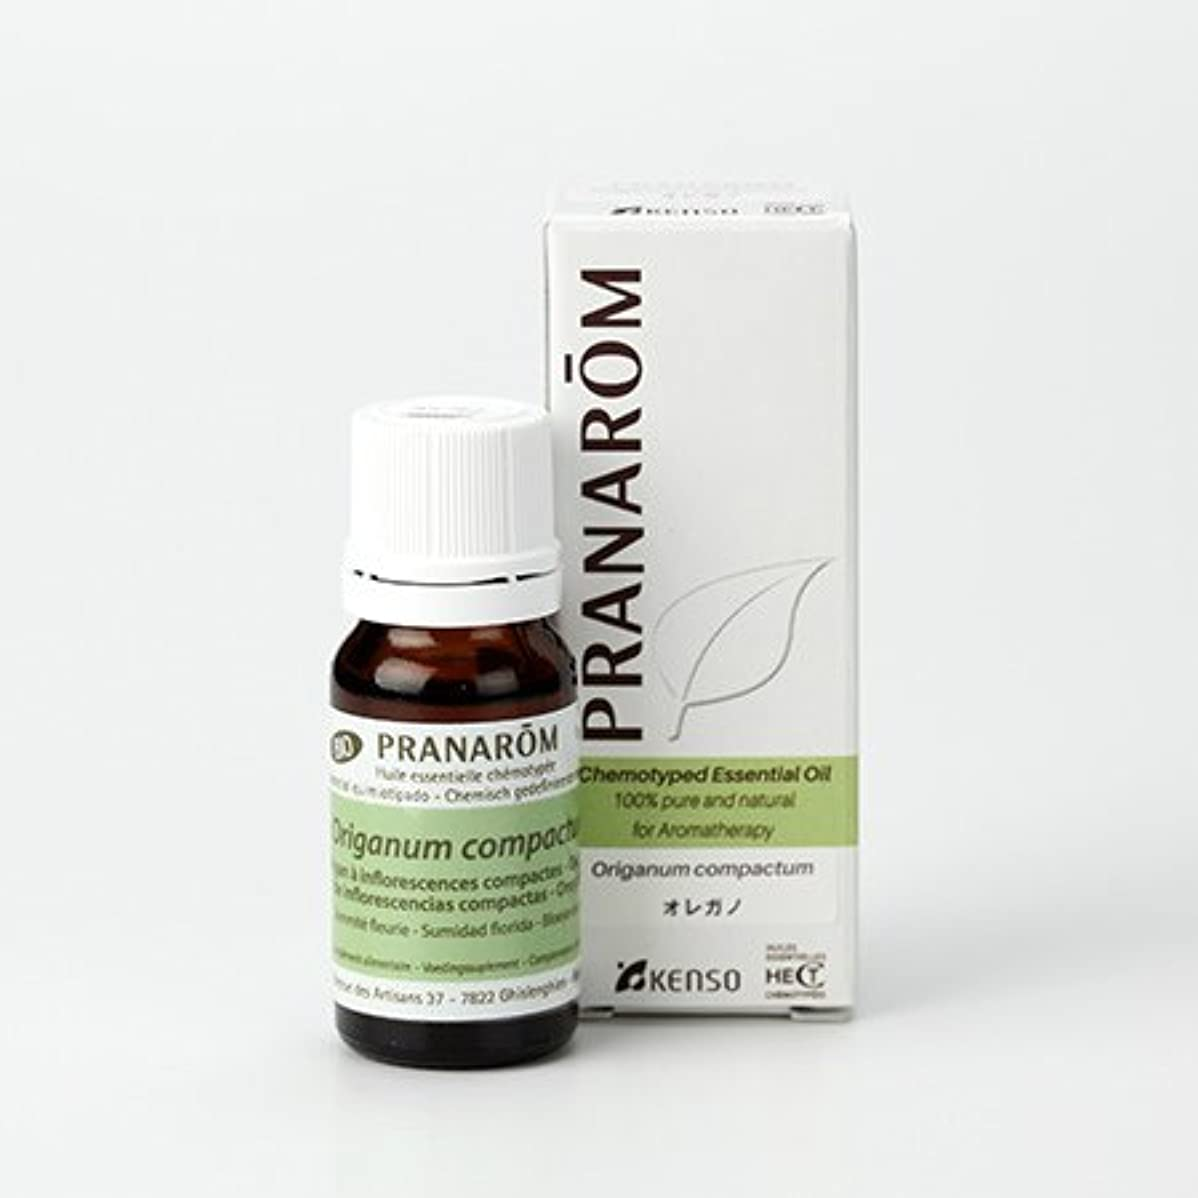 コンサルタントすばらしいです定義プラナロム オレガノ 10ml (PRANAROM ケモタイプ精油)